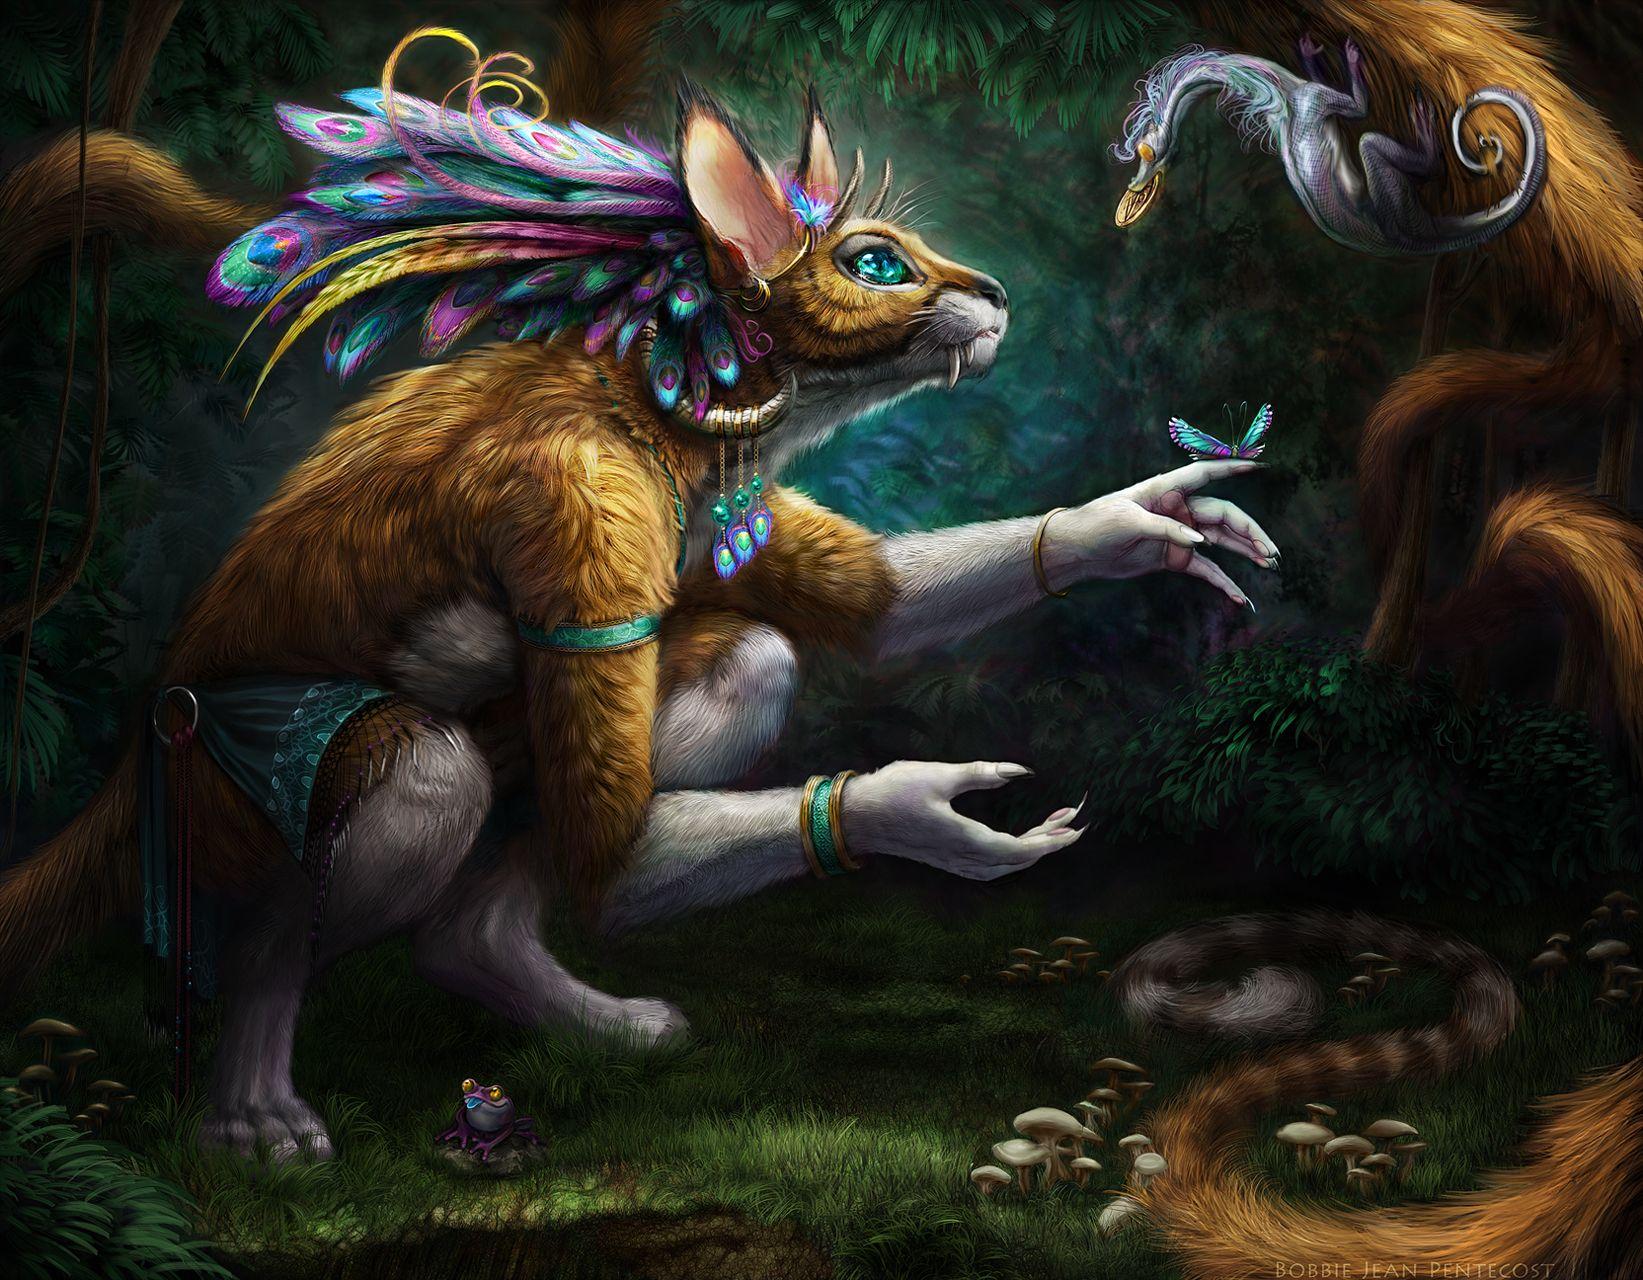 Résultats de recherche d'images pour «animal fantasy»